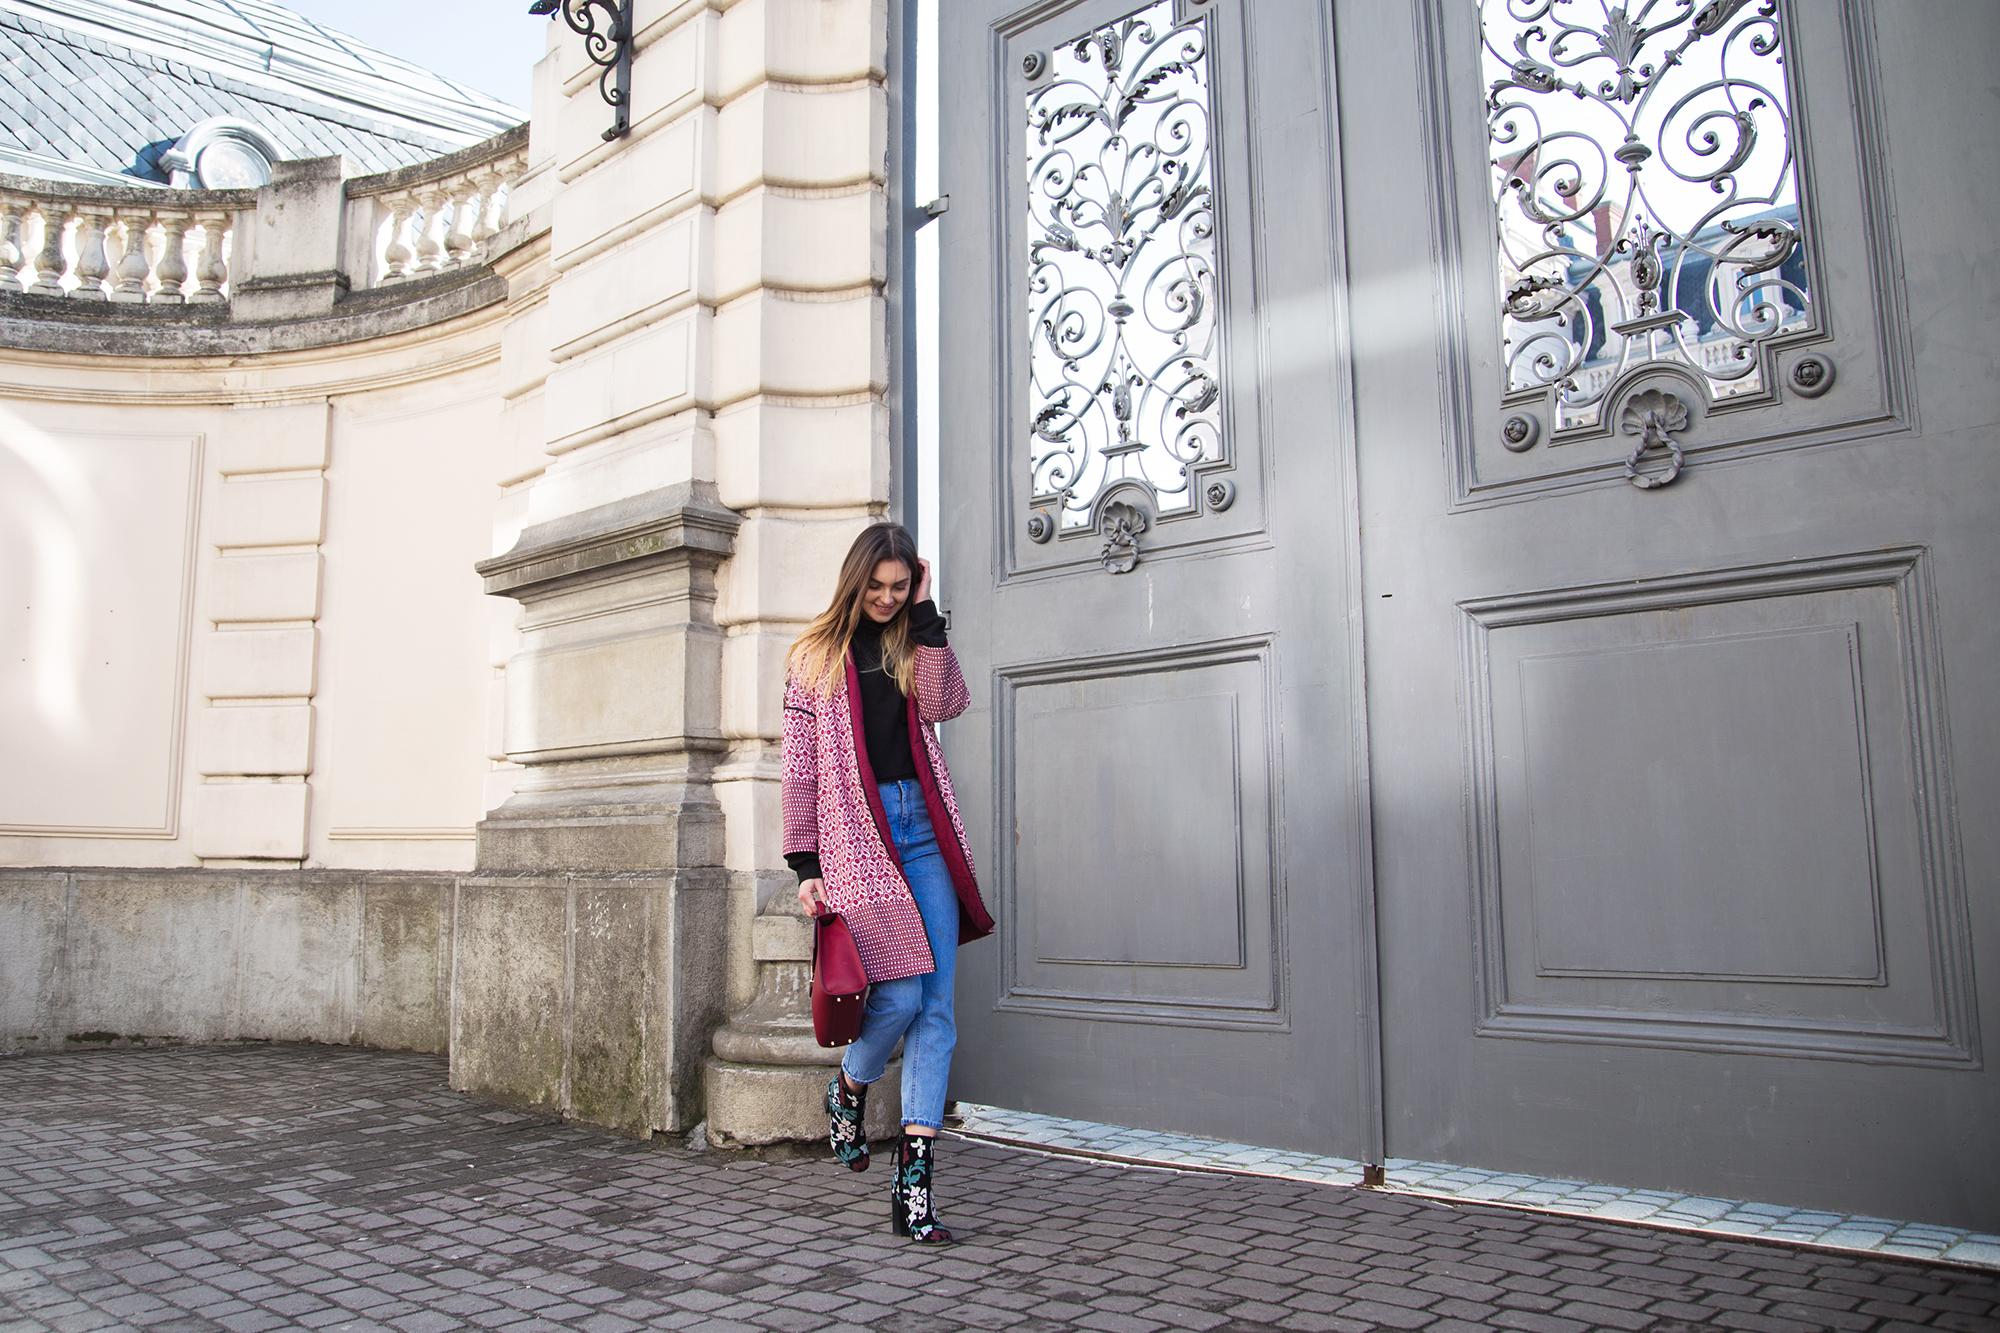 printed-kimono-coat-street-style-outfit